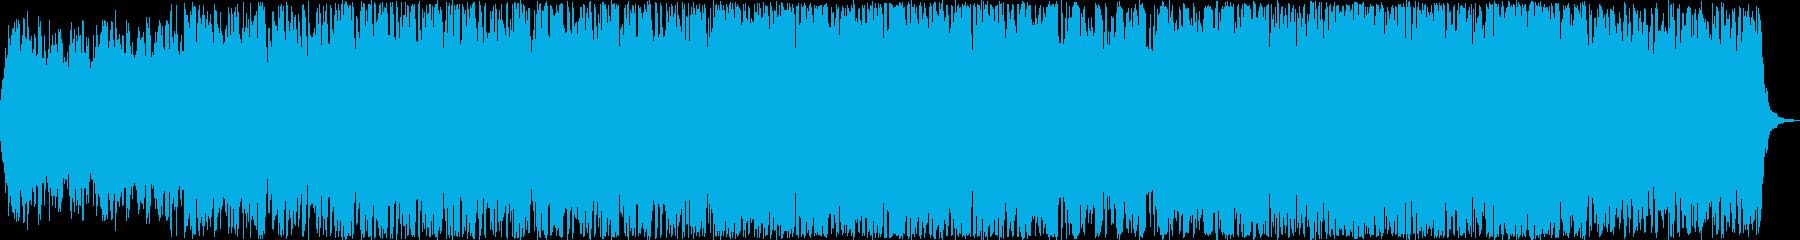 神秘的な映像・映画にマッチする曲の再生済みの波形